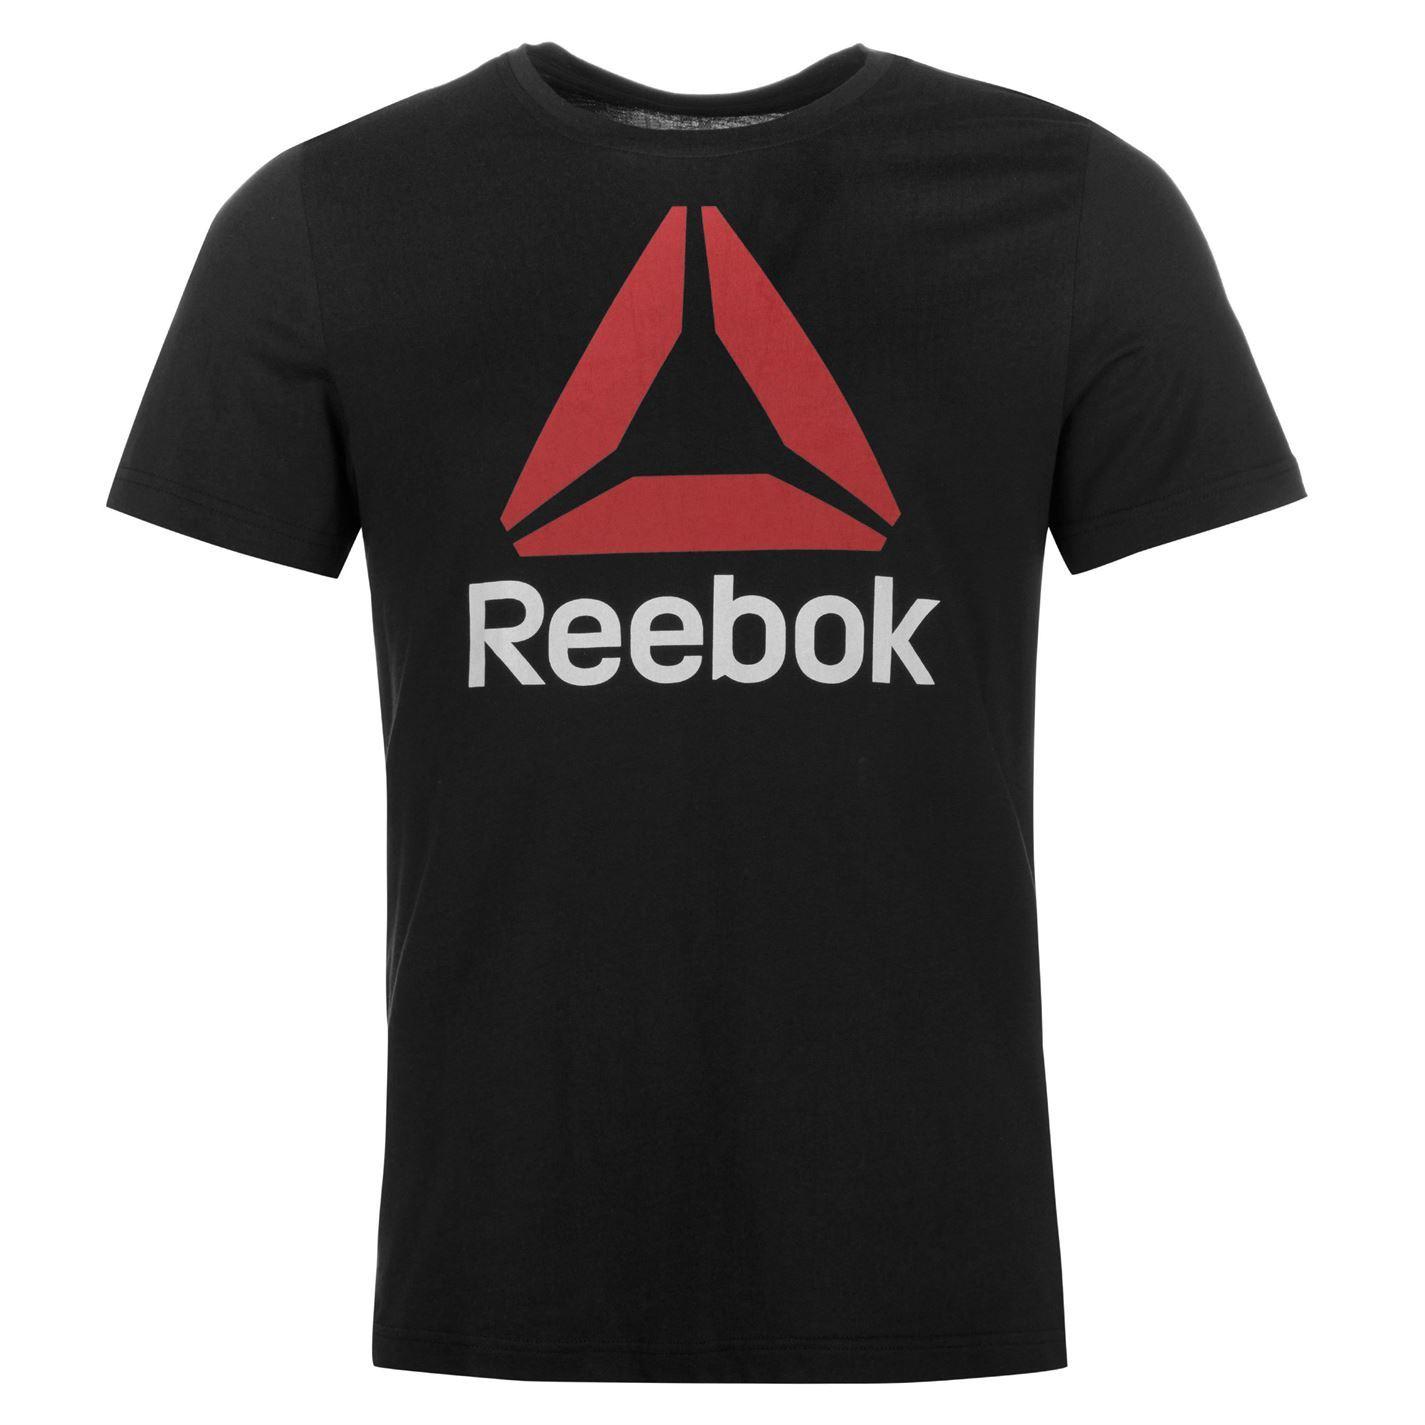 Reebok-Stack-Delta-Logo-T-Shirt-Mens-Tee-Shirt-Top thumbnail 3